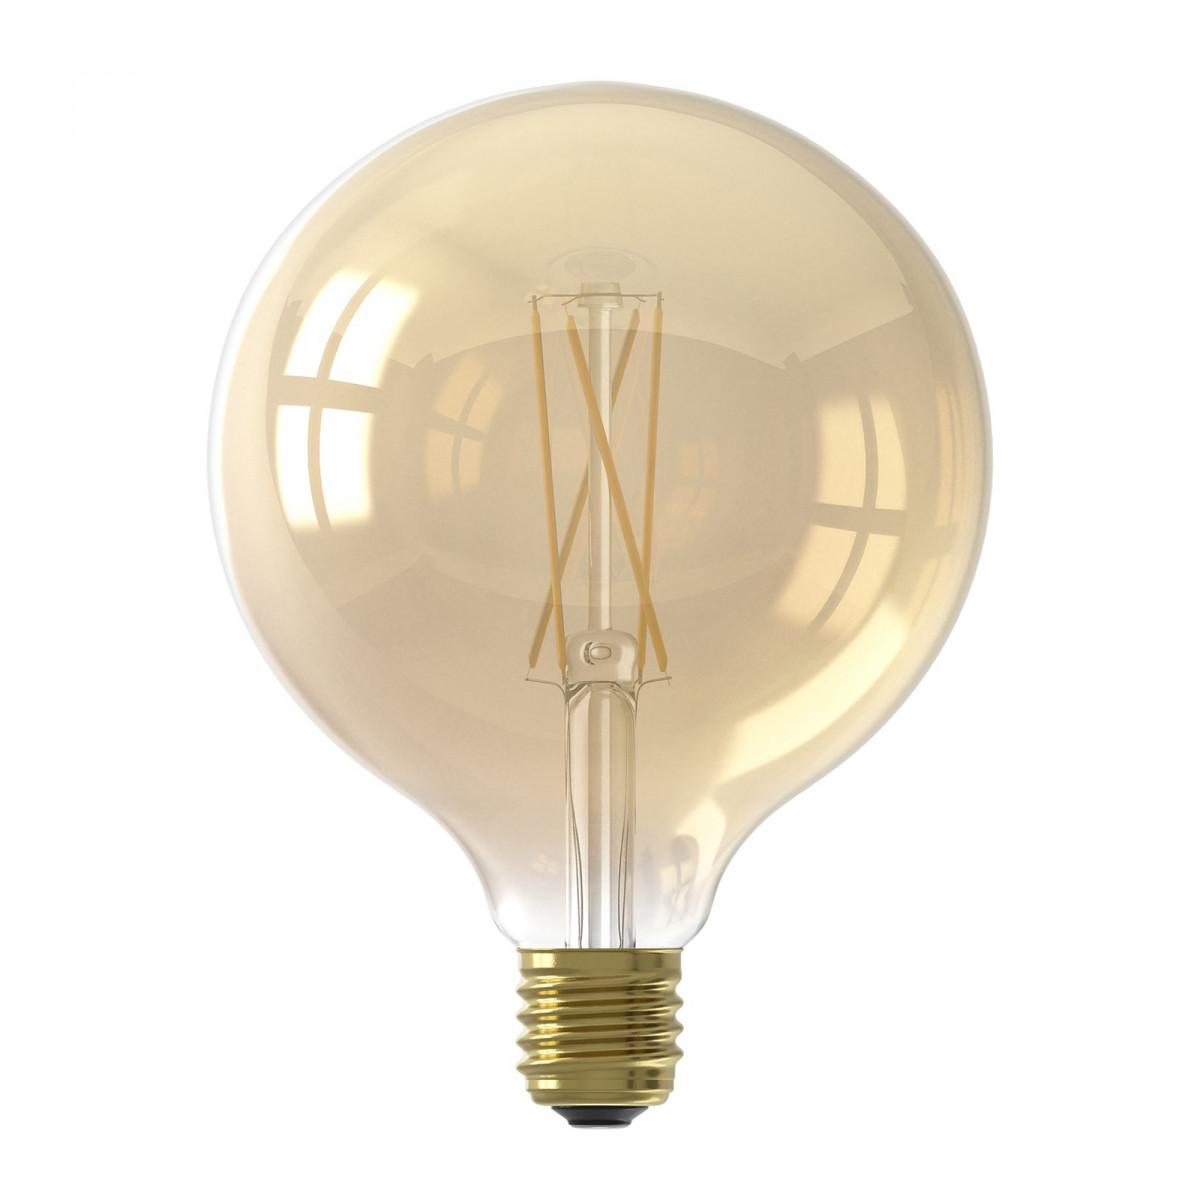 Große LED-Lichtquelle 6 Watt dimmbar gold